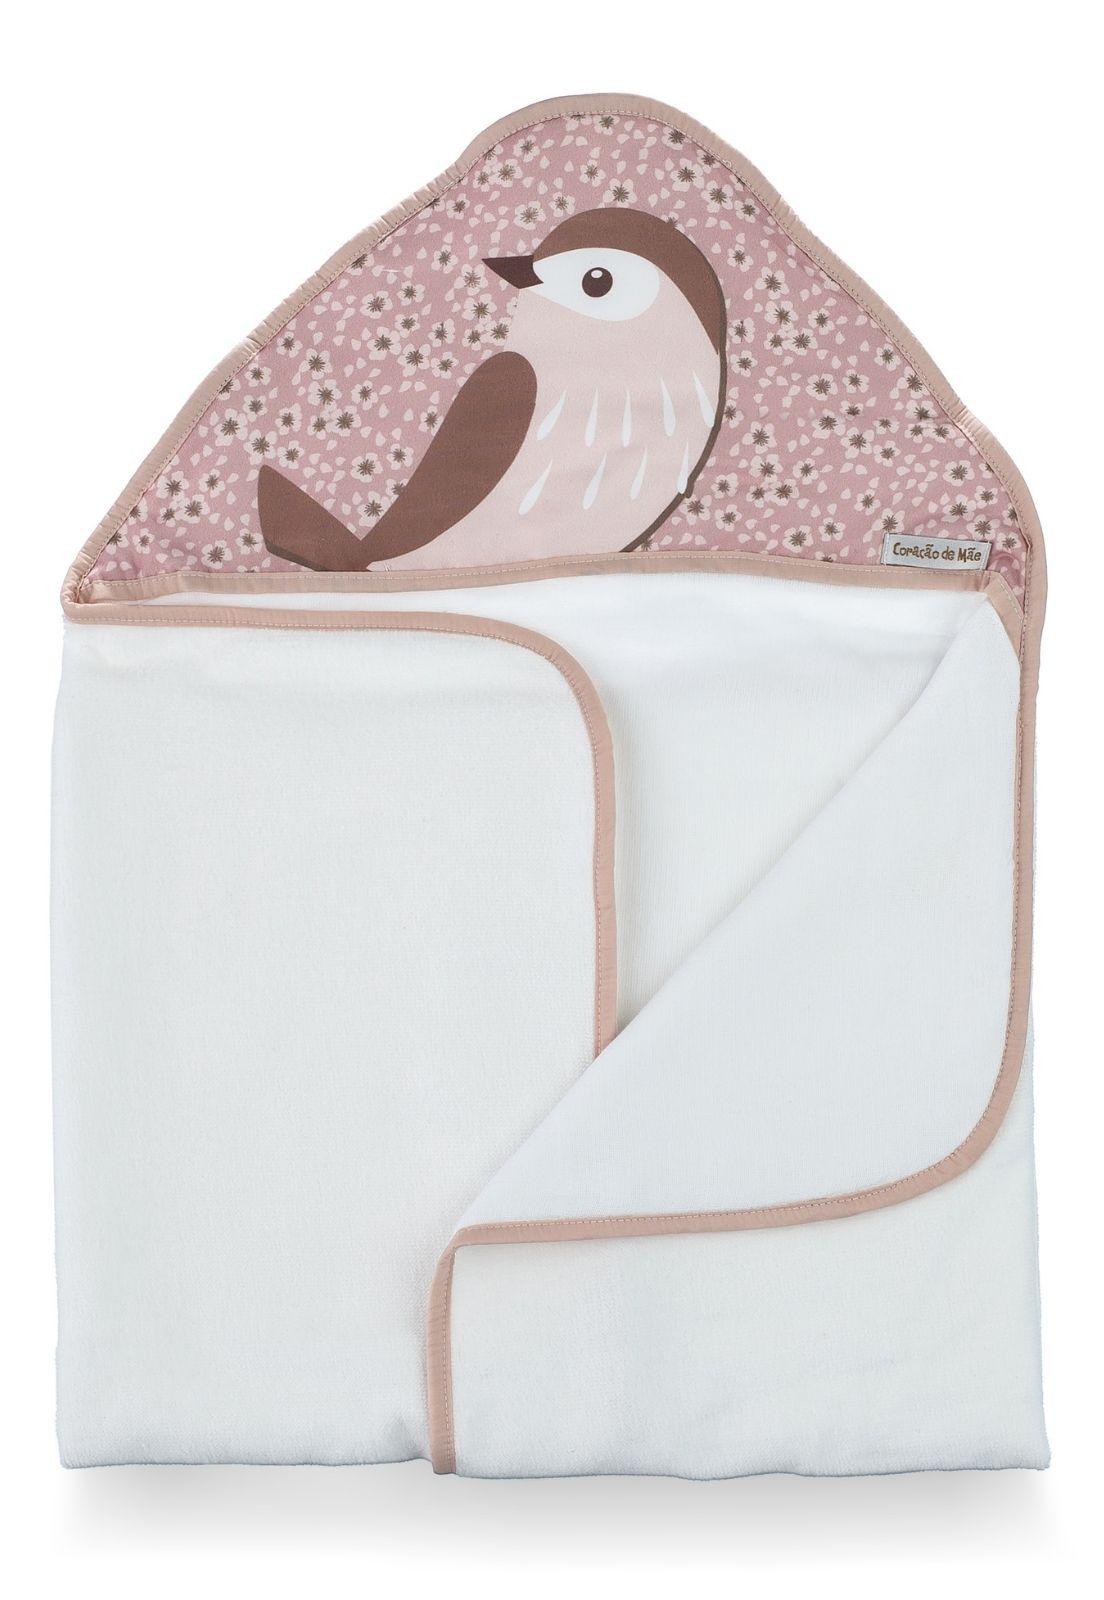 Toalha-fralda Capuz - Coleção Birds Rosa